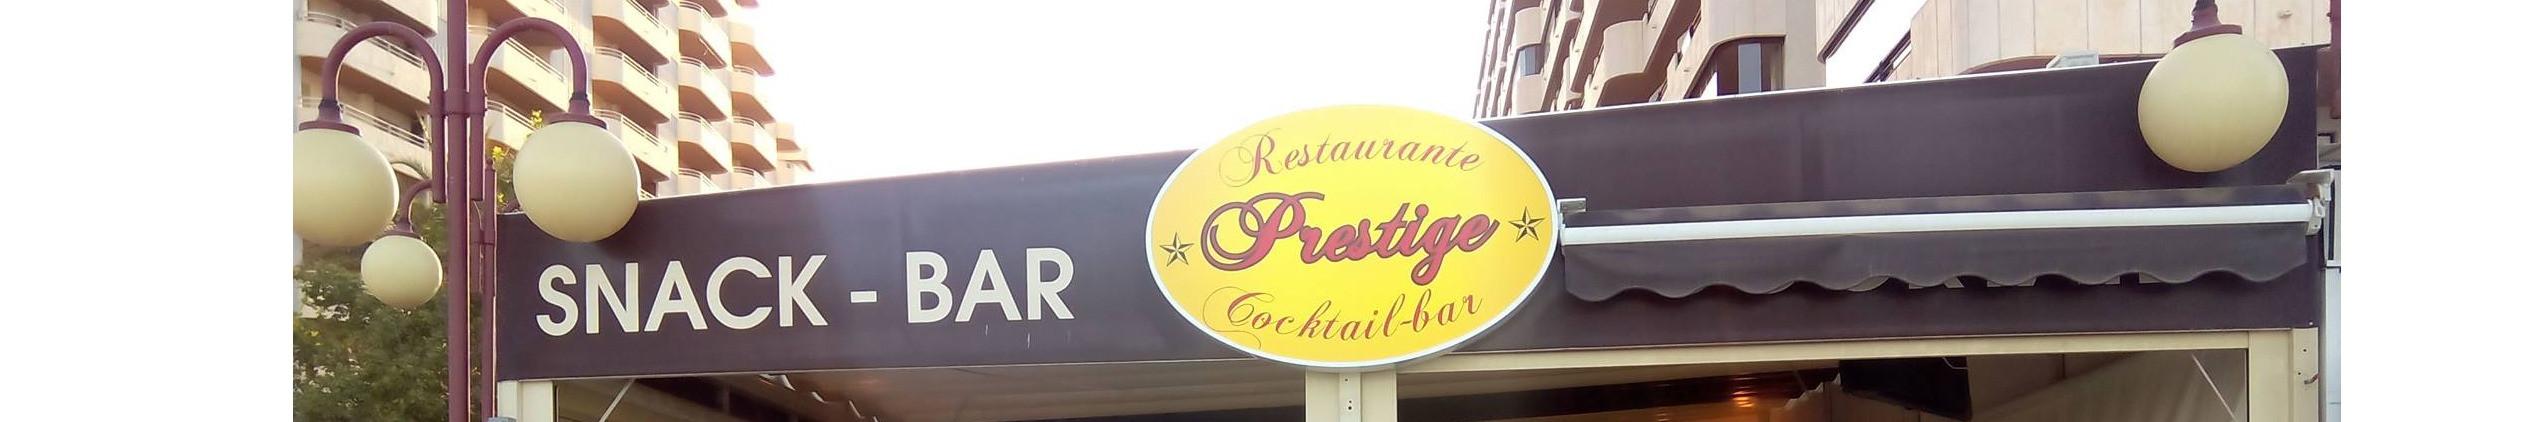 Restaurante Prestige Cocktail BAR